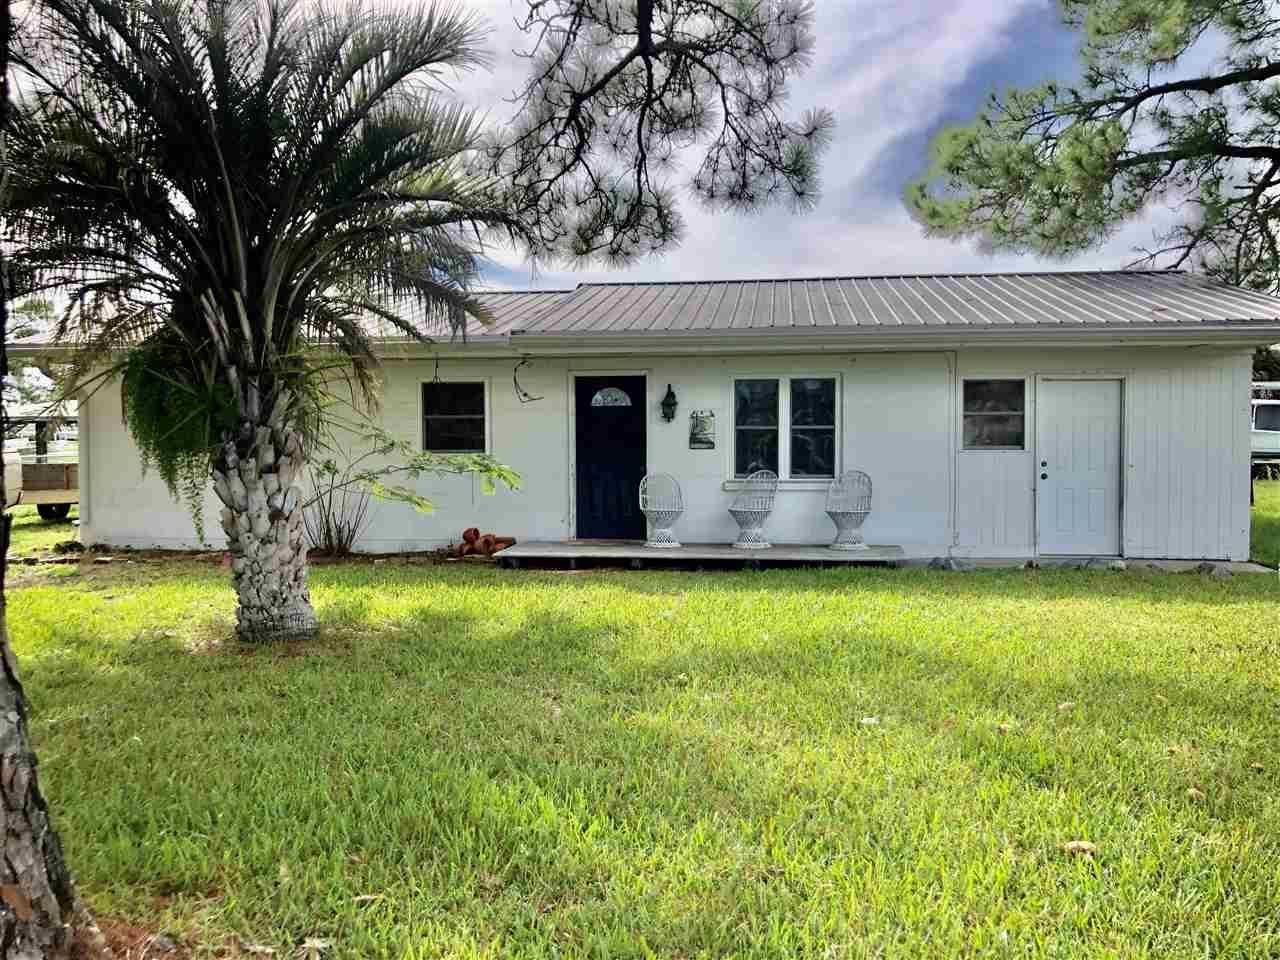 56 Blue Heron Way, Panacea, FL 32346 - MLS#: 326089